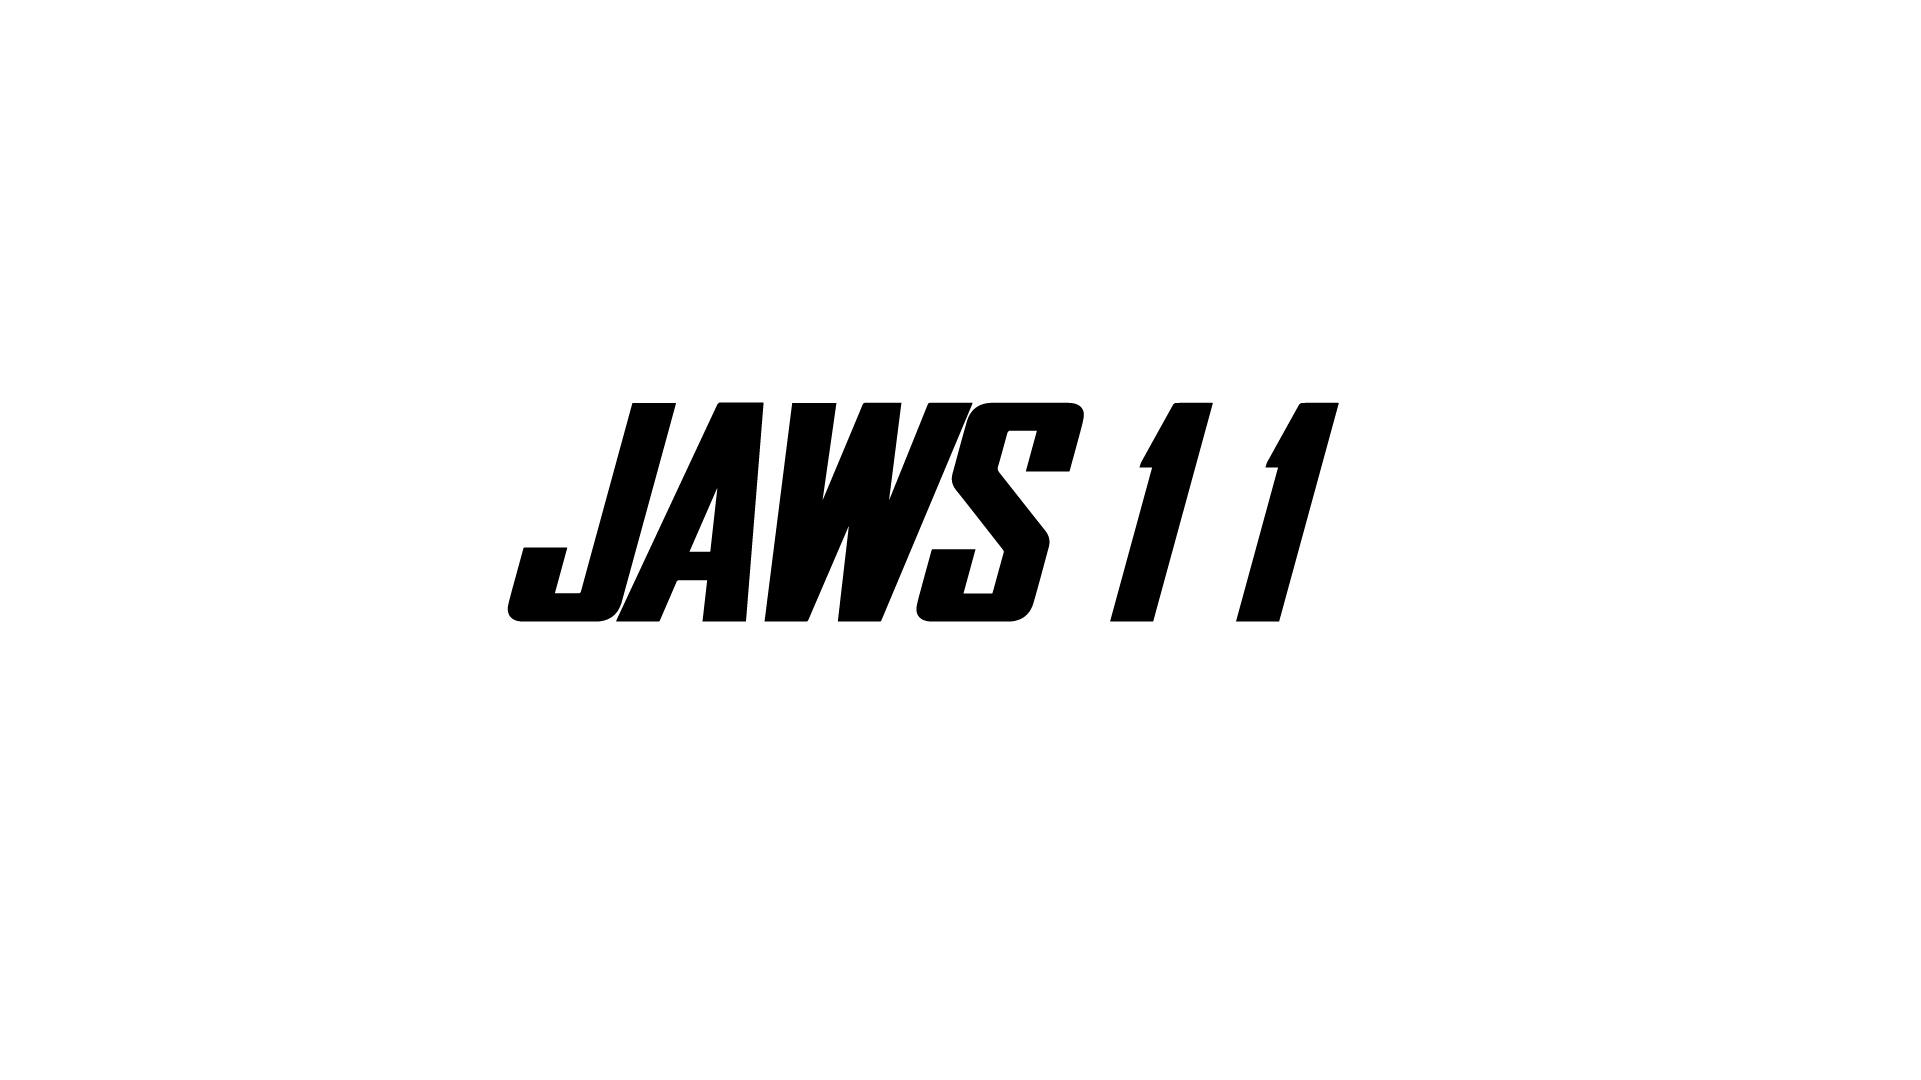 JAWS_Vectors-11